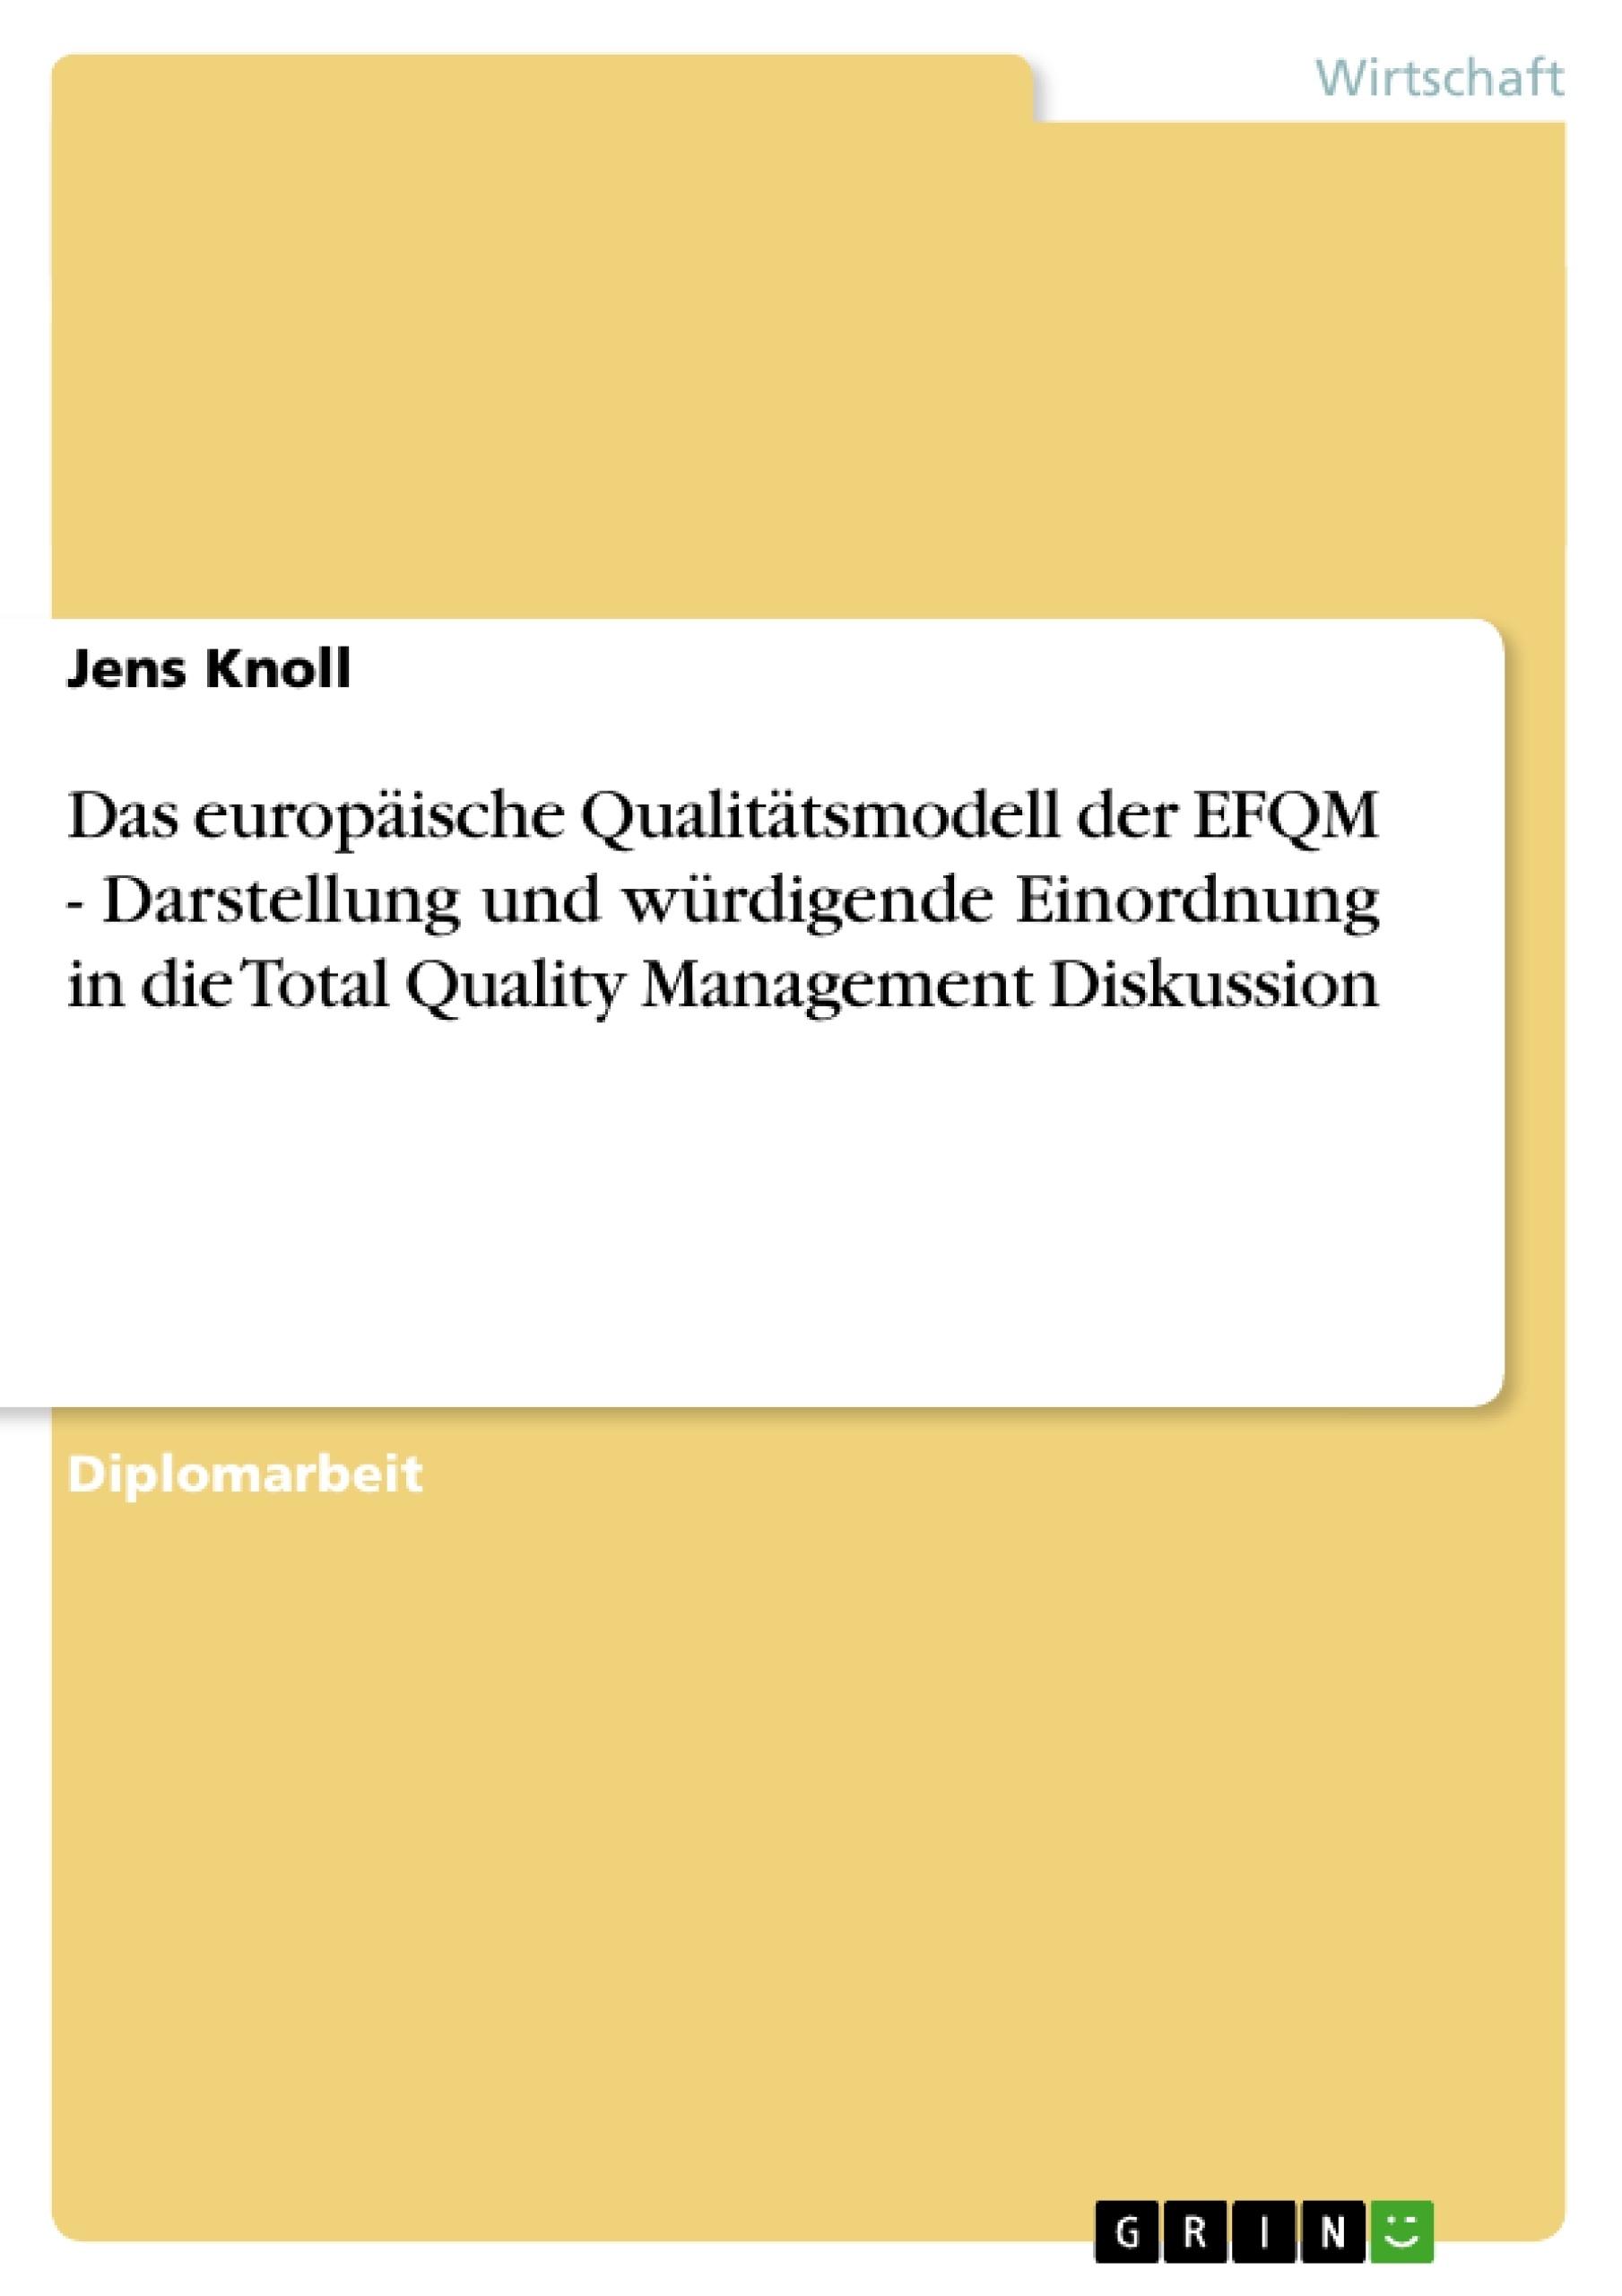 Titel: Das europäische Qualitätsmodell der EFQM - Darstellung und würdigende Einordnung in die Total Quality Management Diskussion